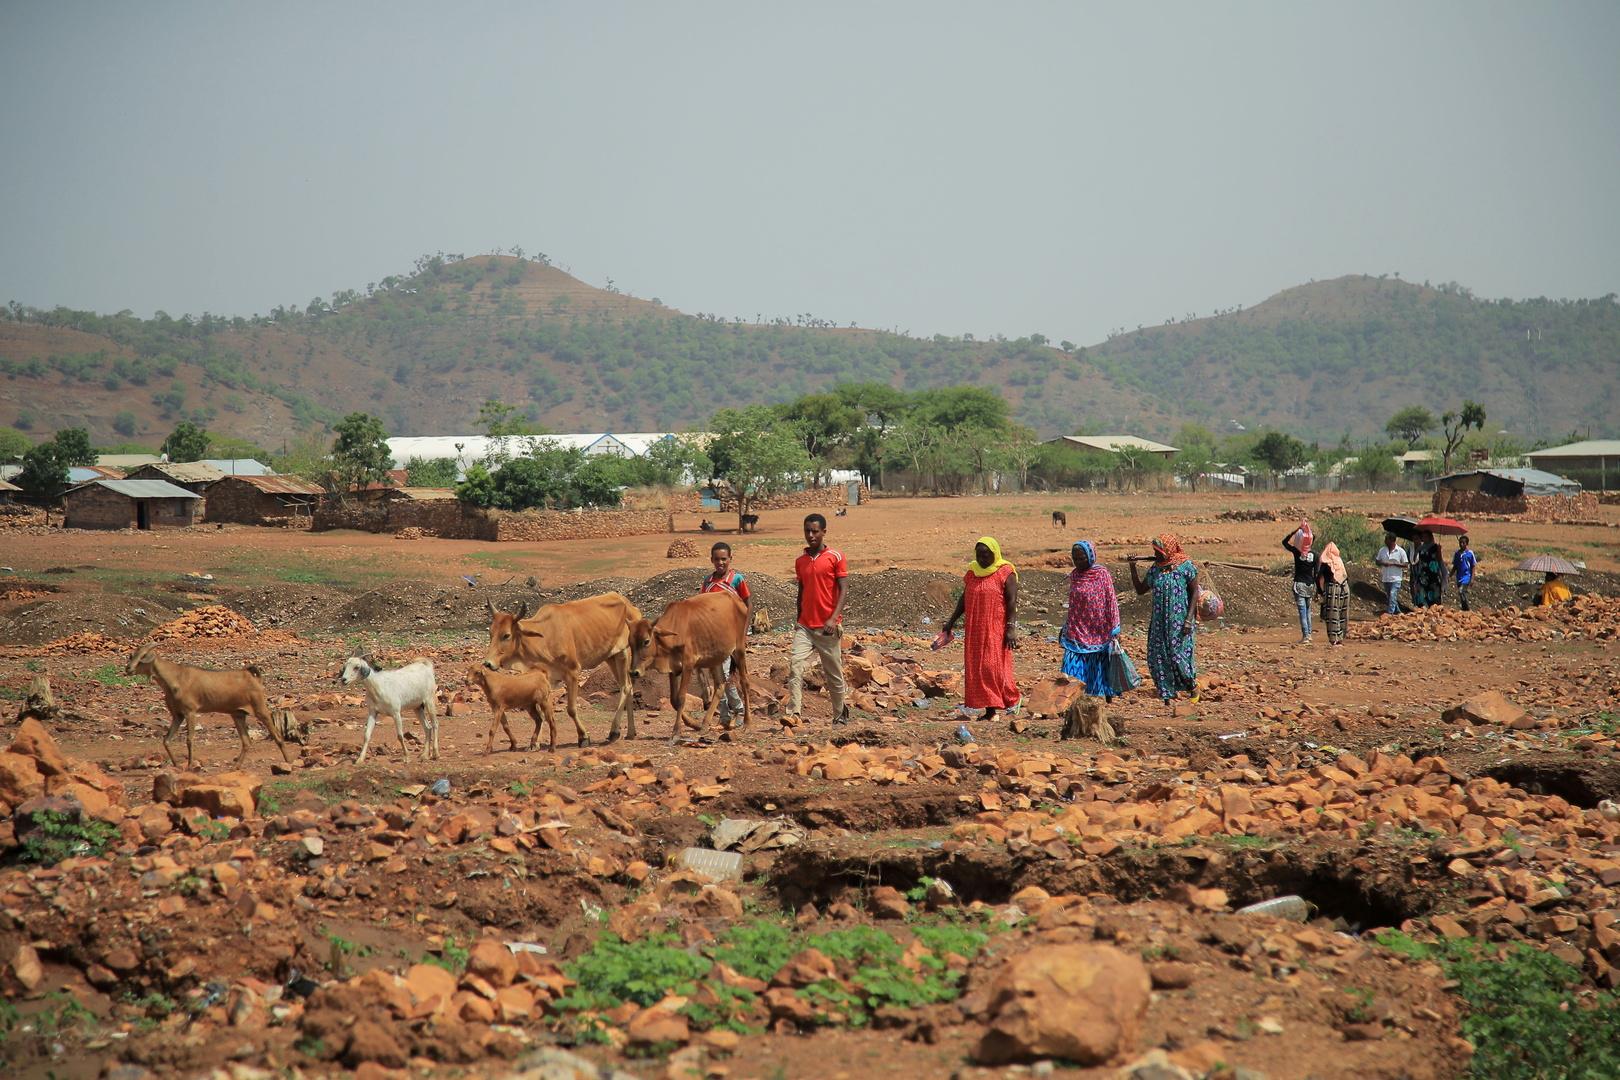 العثور على جثث بشرية في نهر فاصل بين إثيوبيا والسودان